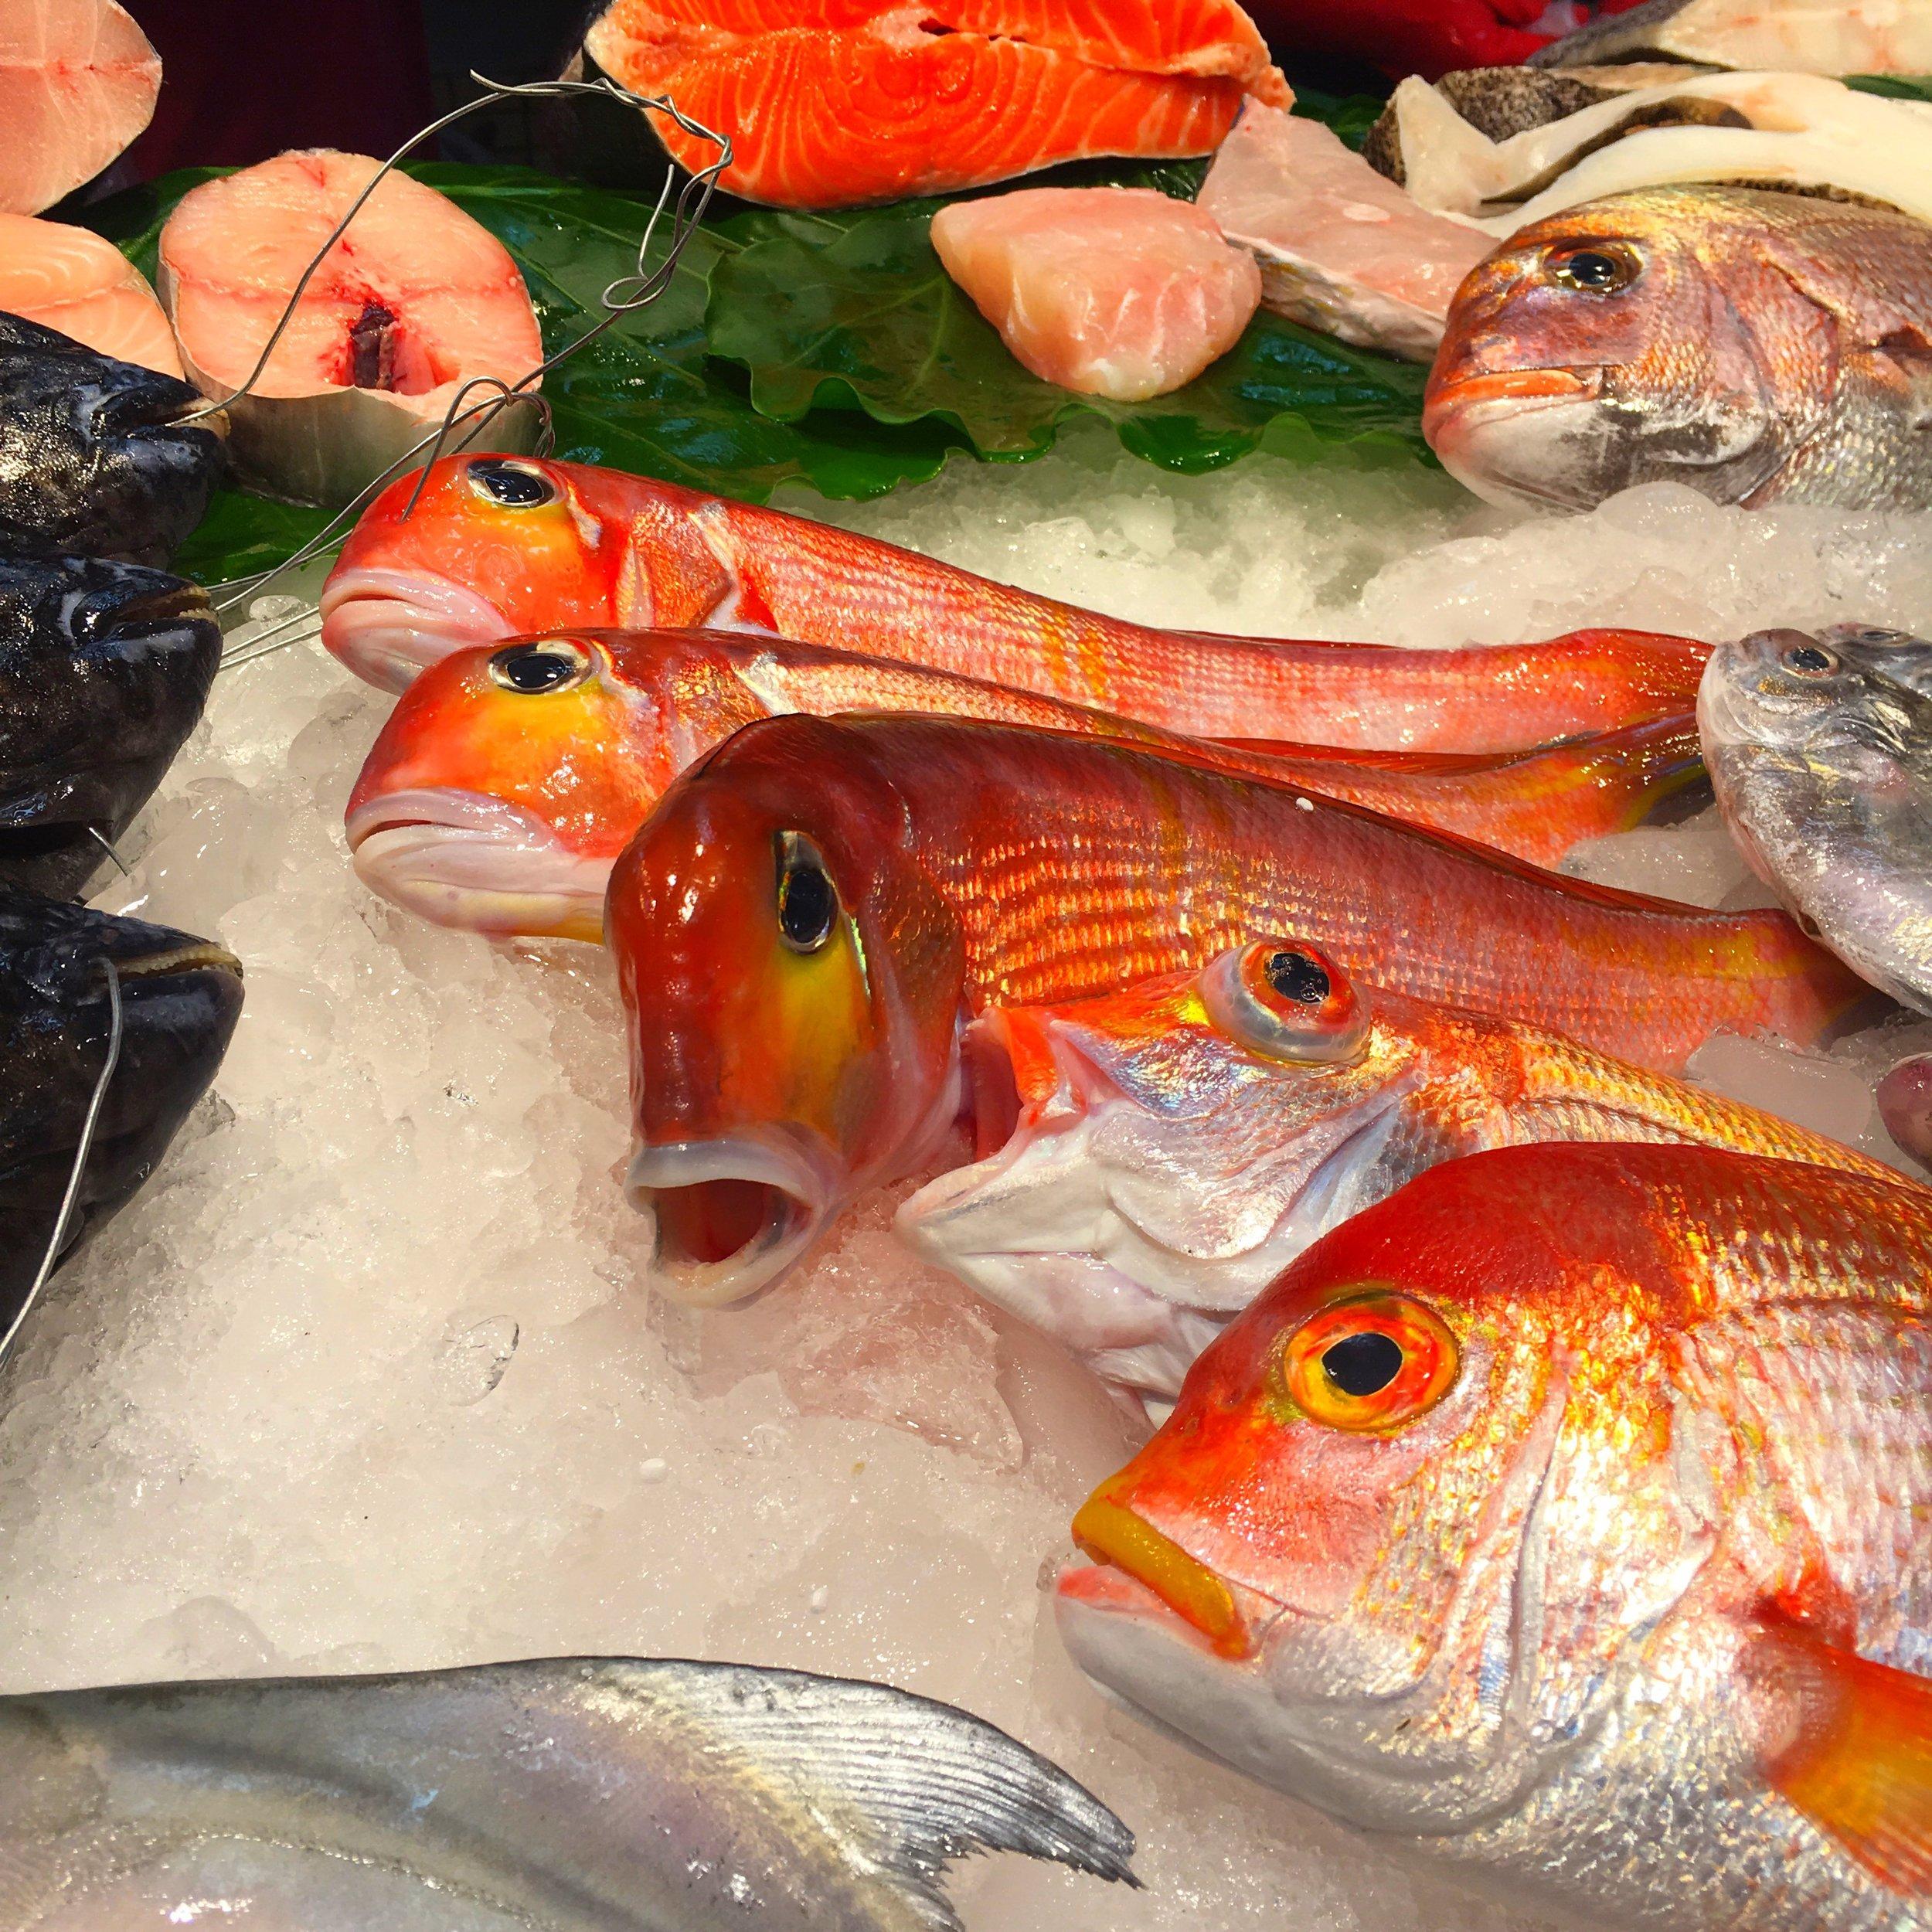 fish market www.onemorestamp.com